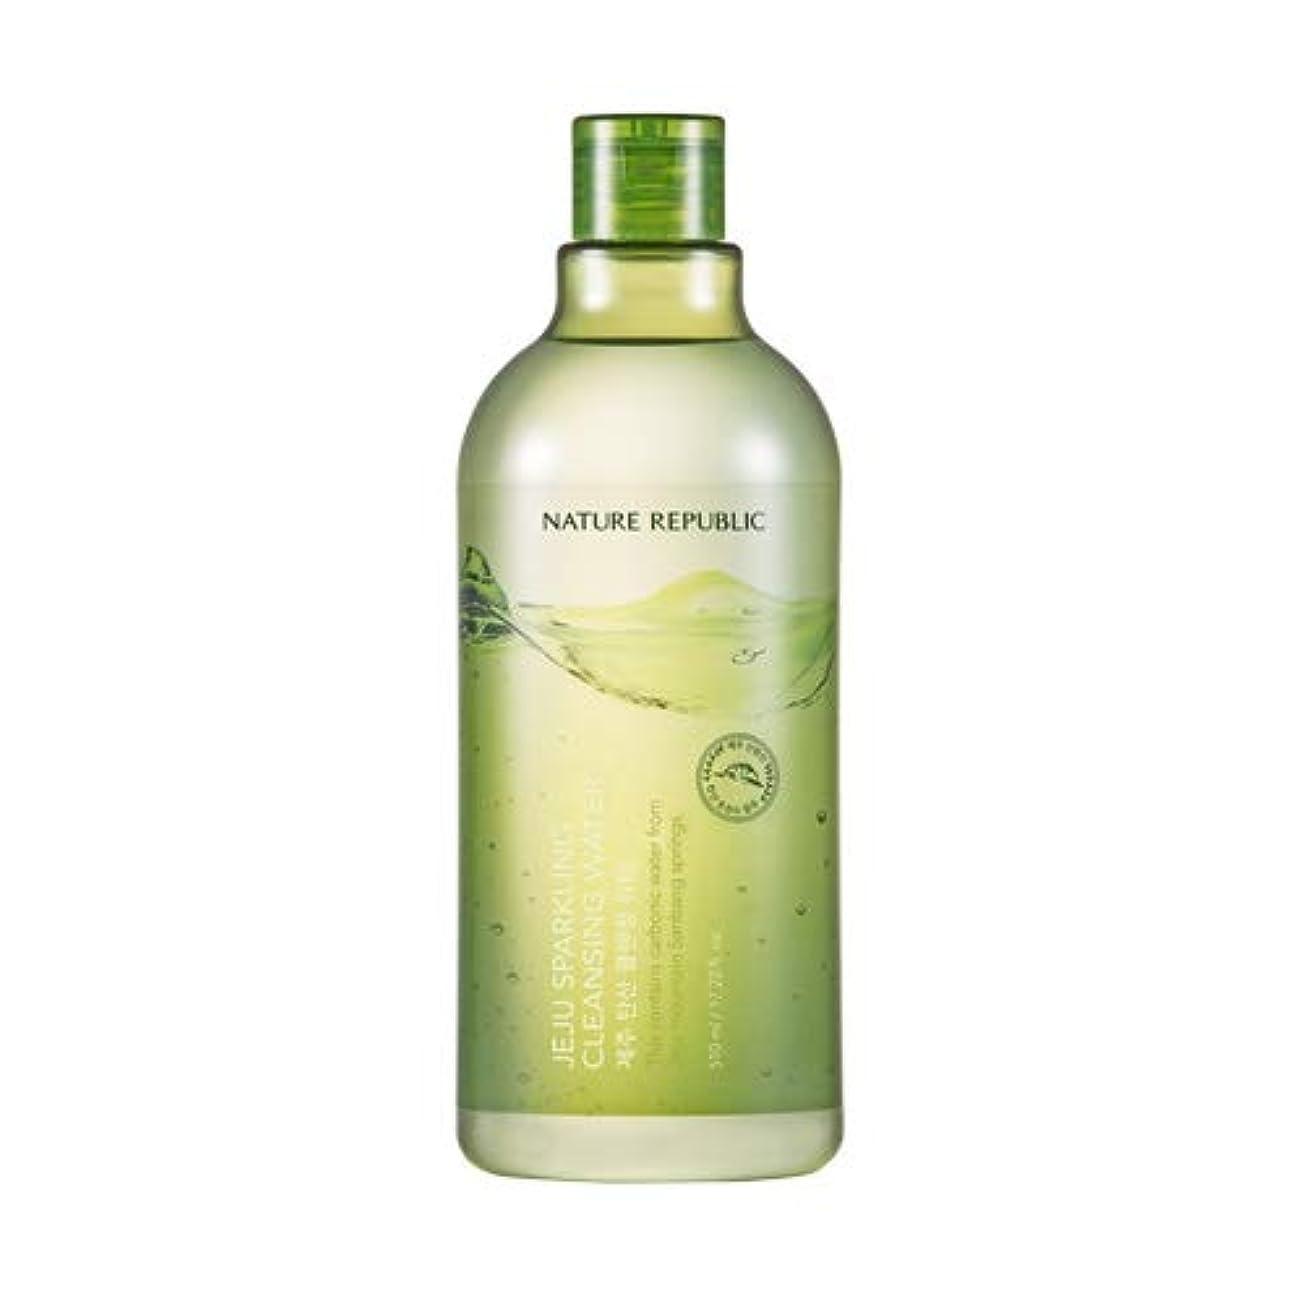 頻繁に超音速イタリックNature republic Jeju Sparkling(Carbonic) Cleansing Water ネイチャーリパブリック済州炭酸クレンジングウォーター 510ml [並行輸入品]